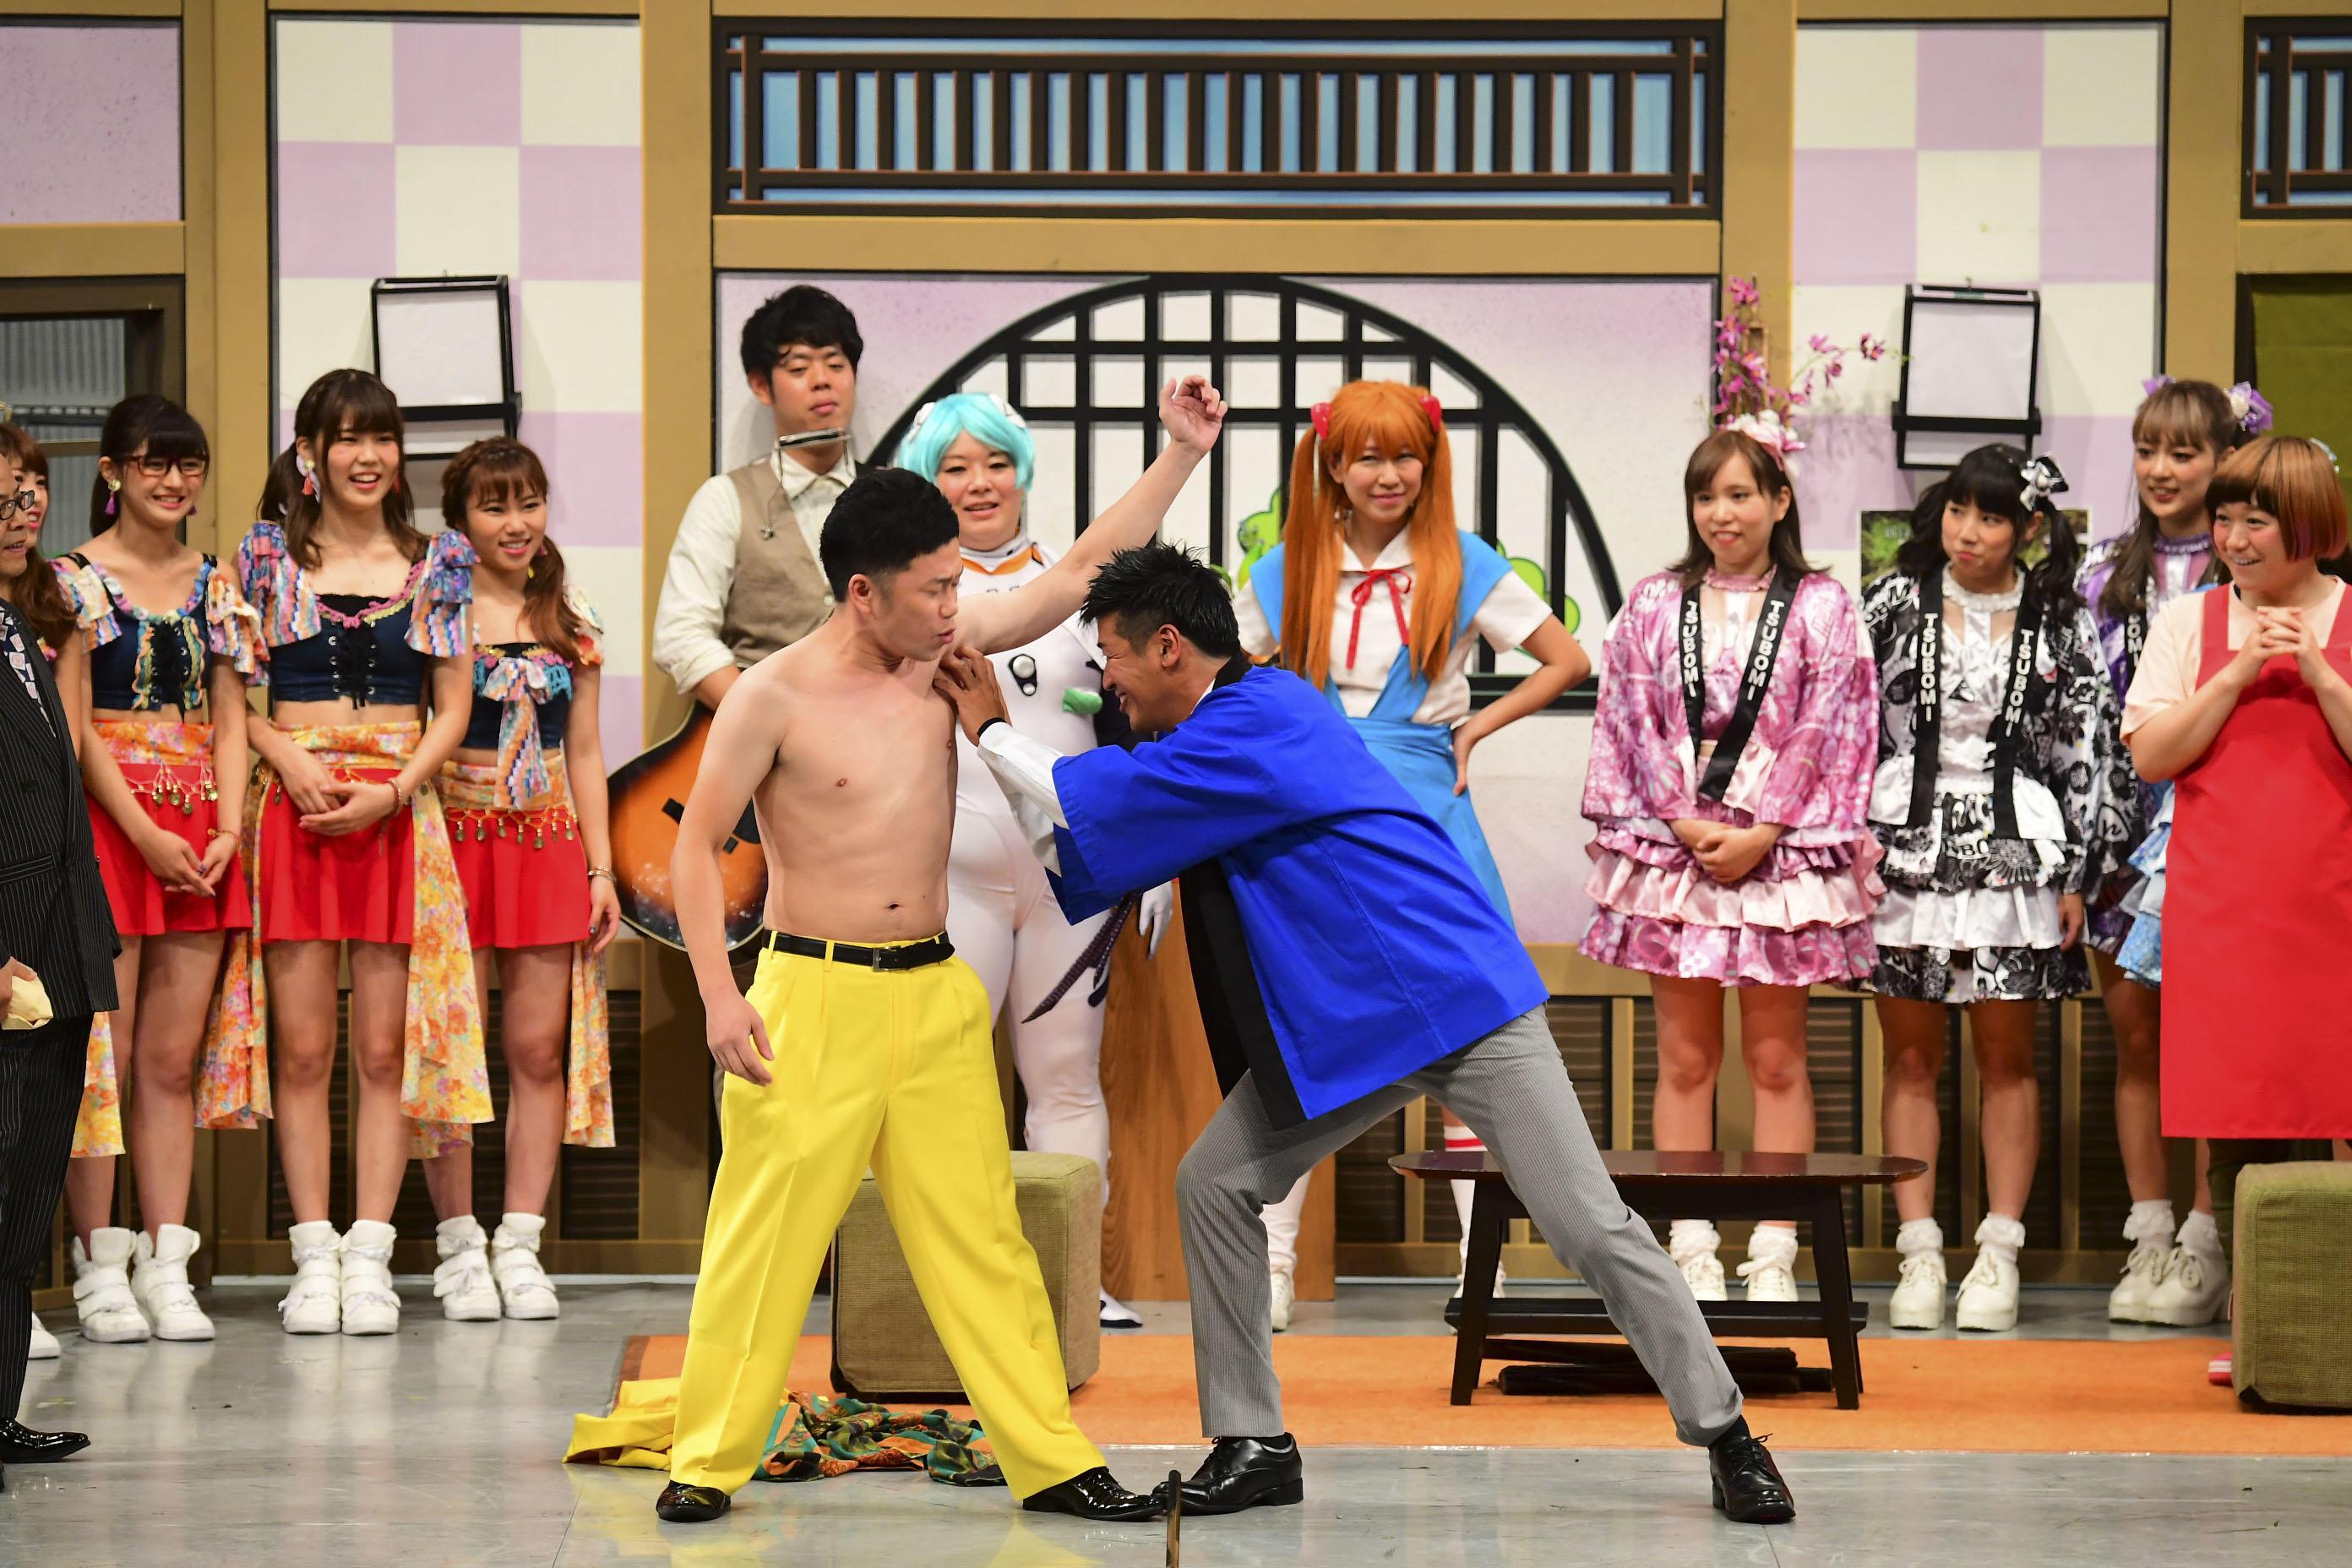 http://news.yoshimoto.co.jp/20170909191647-1486f6c3a0a4b8e7e2dec0f85e212b749116fad6.jpg